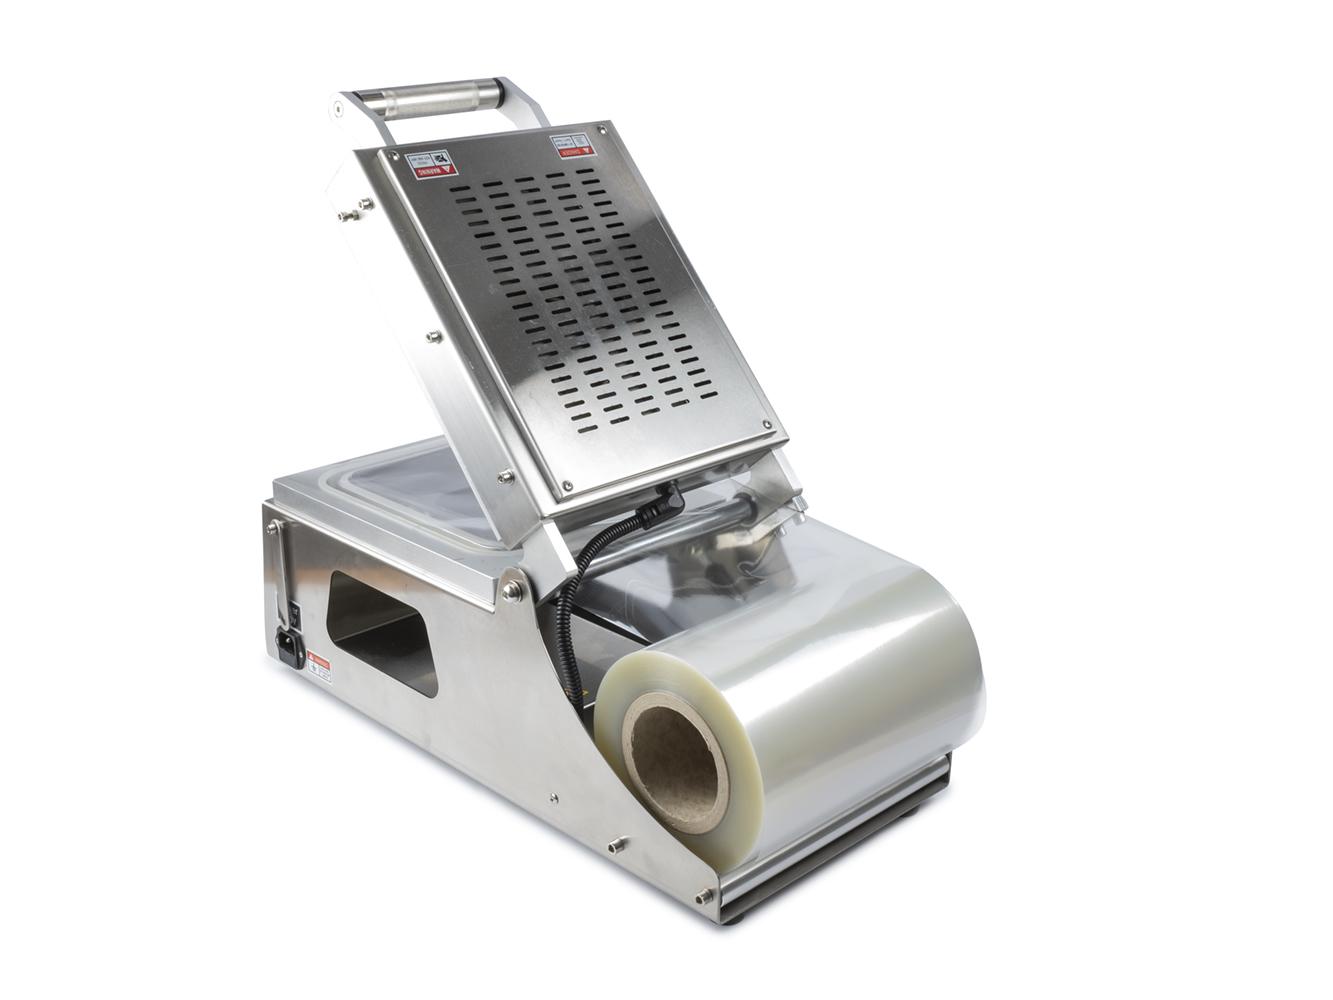 Zatavovací balička potravinových dvojitých zatavovacích misek 227x178mm